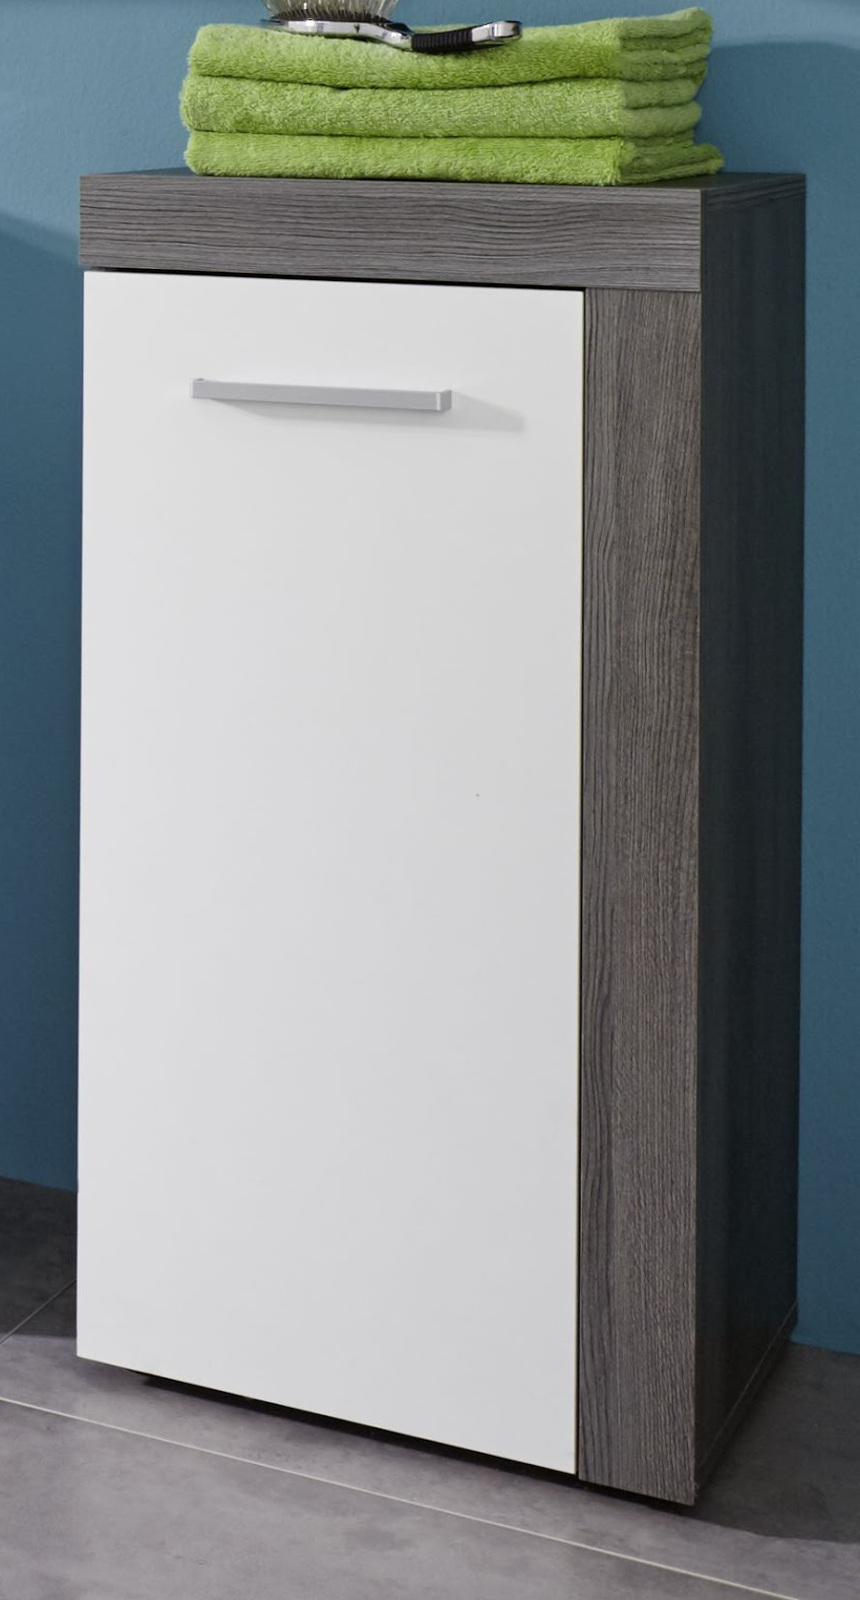 ... Kommode Miami Badezimmer Schrank Sardegna rauchsilber grau mit weiß